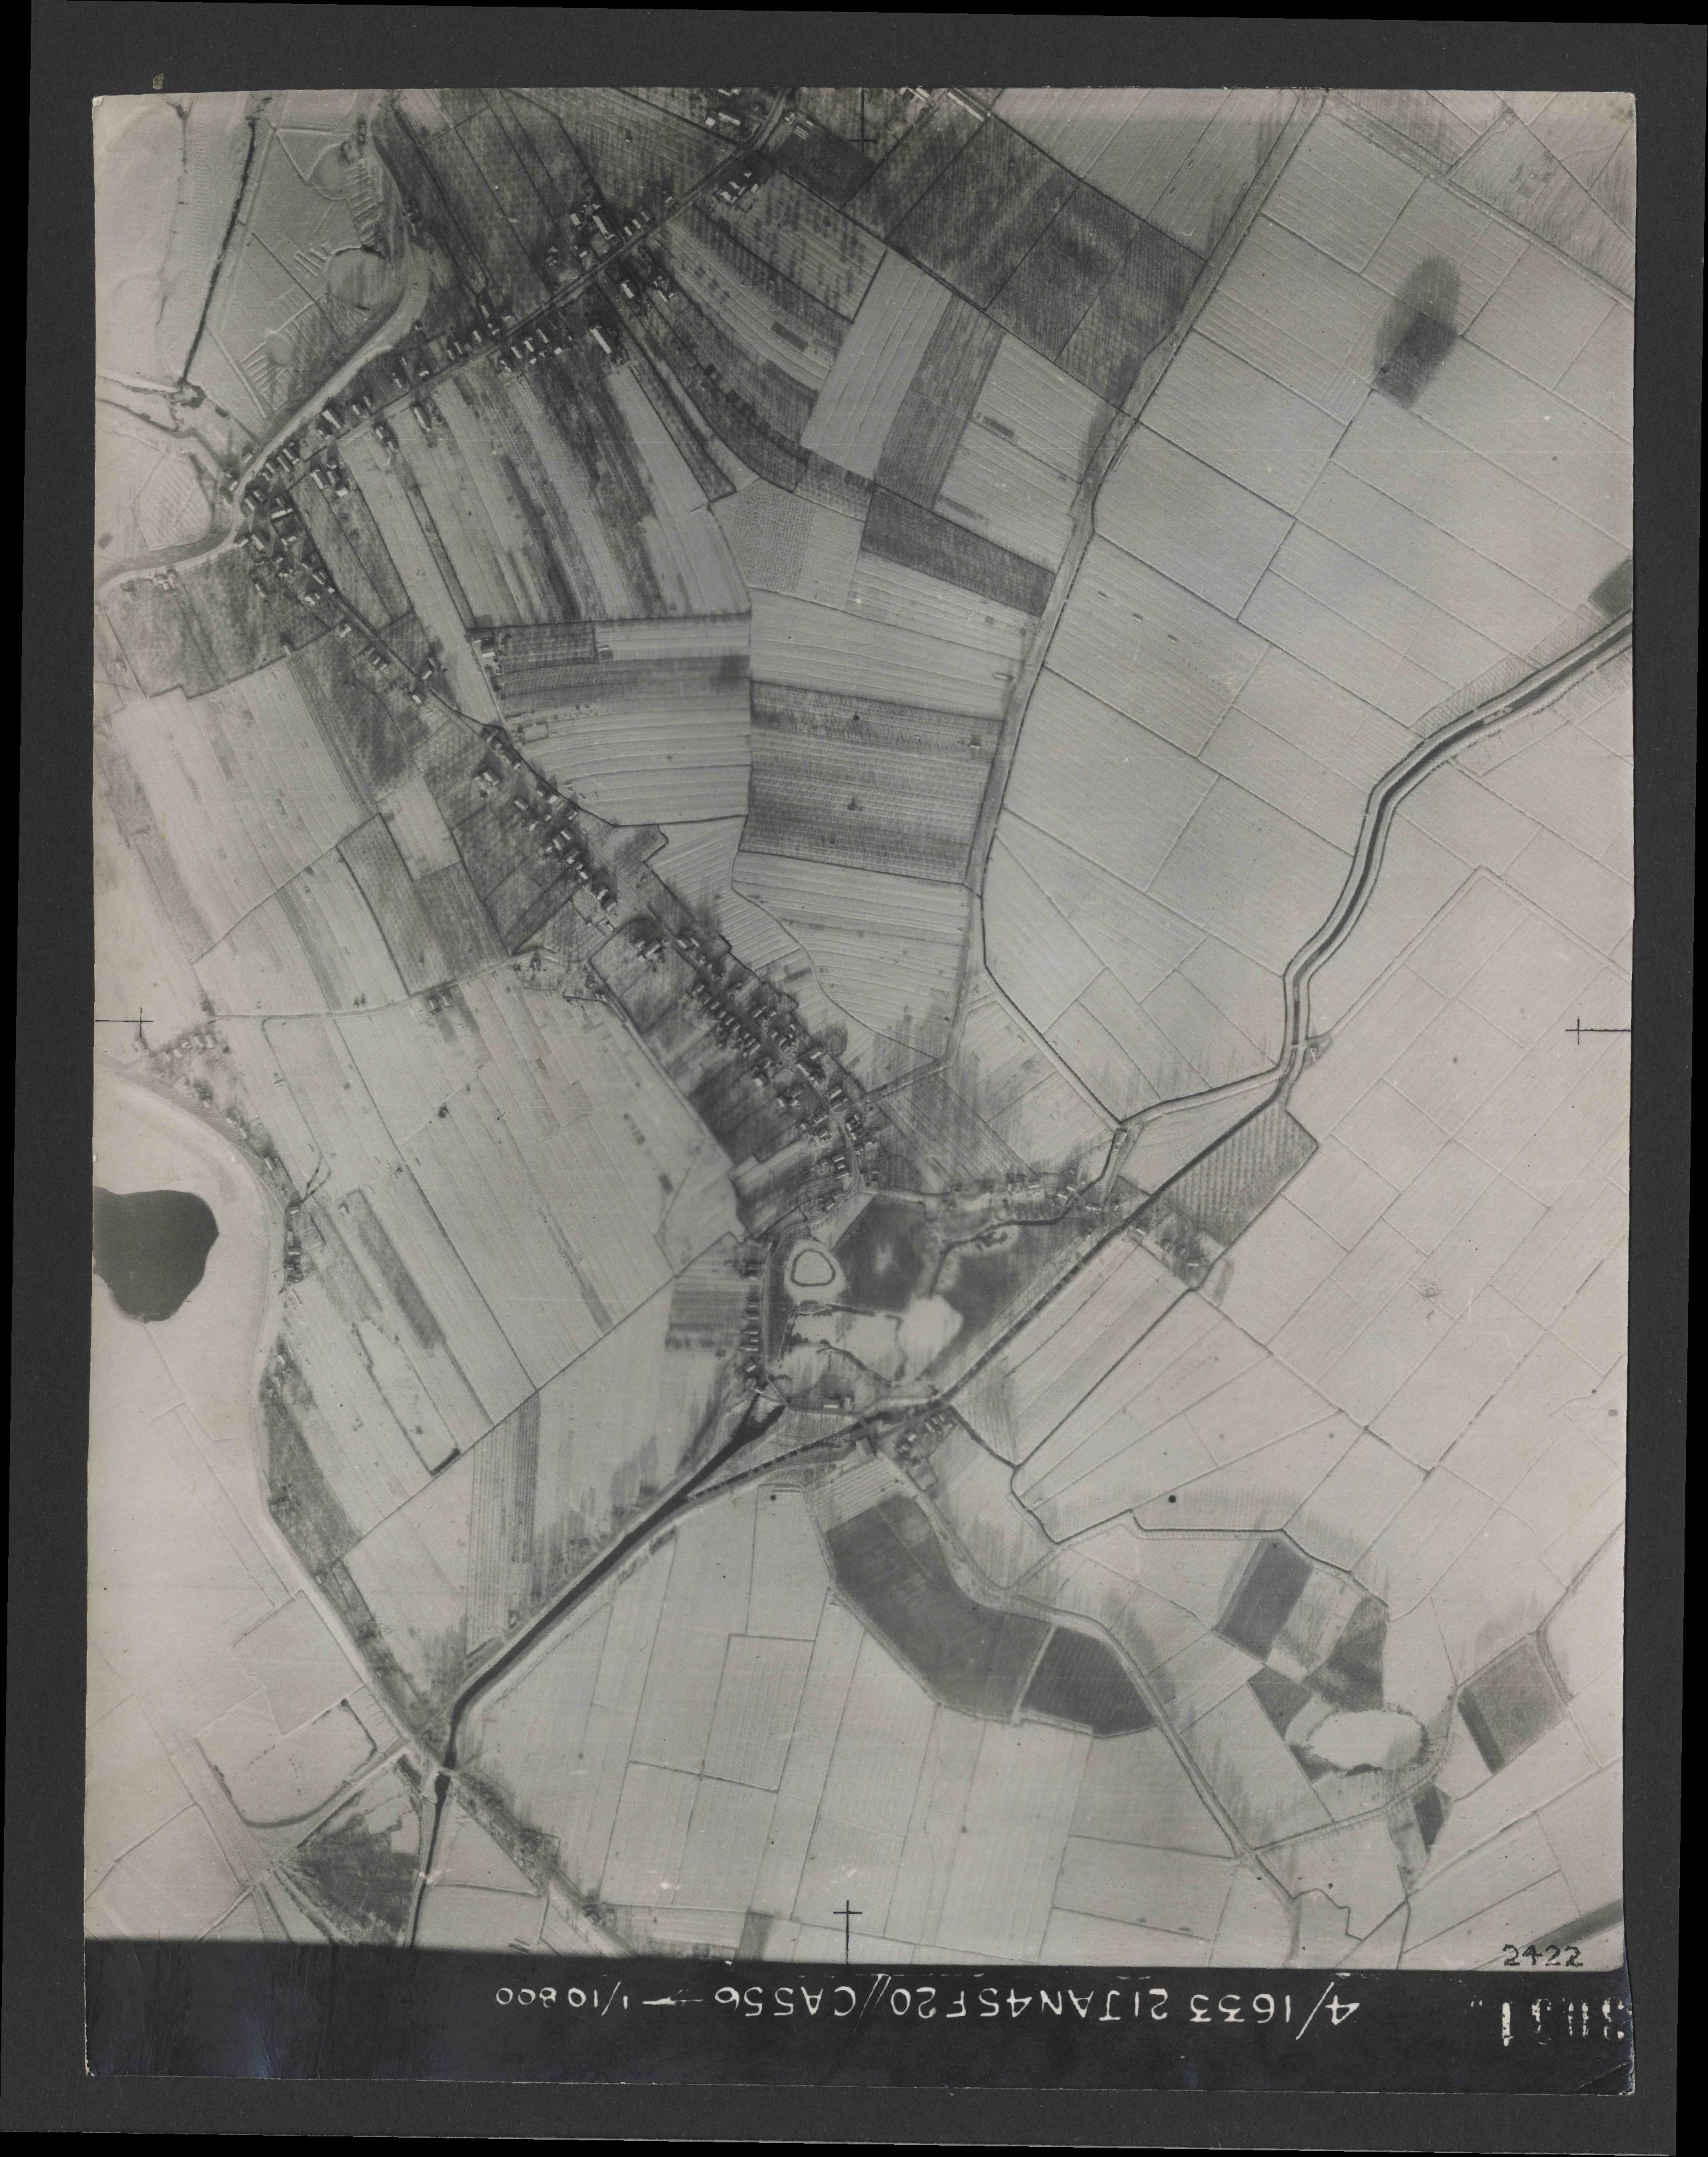 Collection RAF aerial photos 1940-1945 - flight 202, run 05, photo 3031